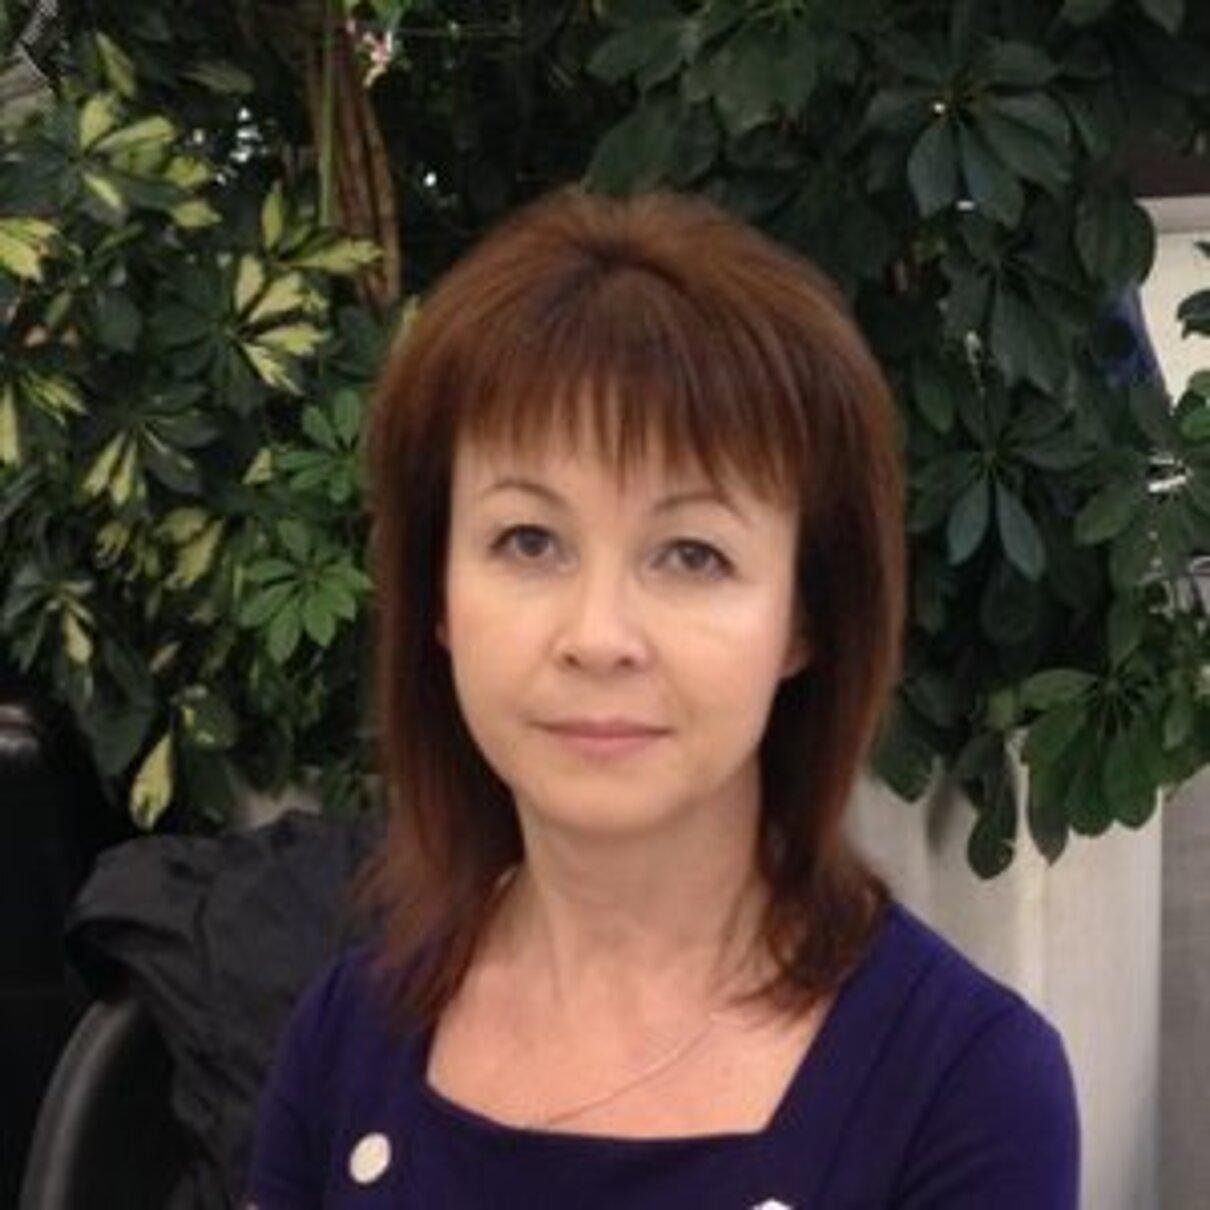 Жалоба-отзыв: Трубицына Марина Адольфовна - Мошенница, Воровка, клафилинчица.  Фото №1